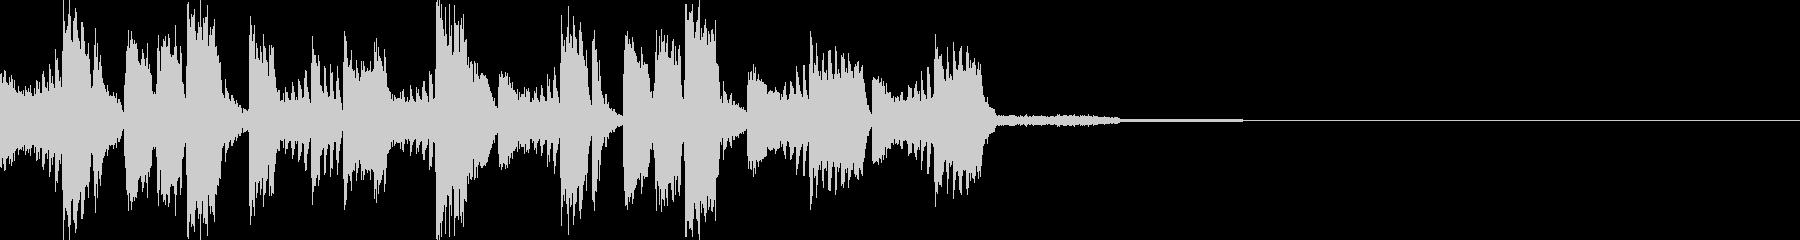 印象的なキャッチーEDMジングルの未再生の波形